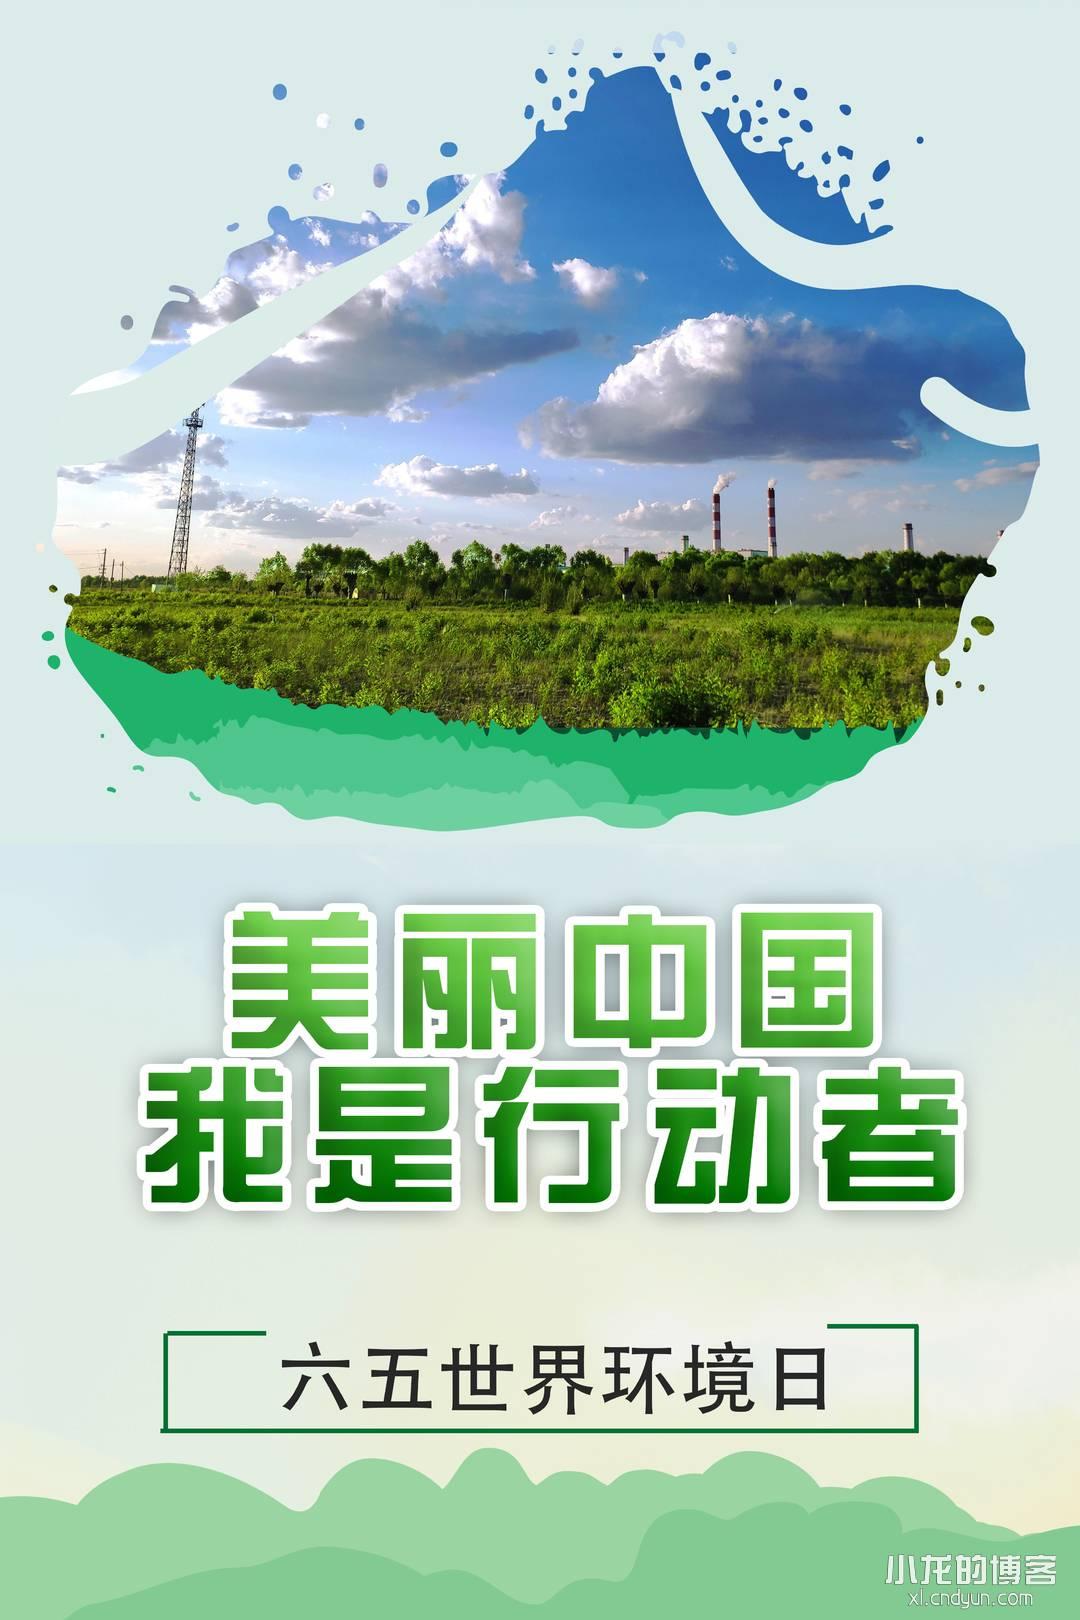 2020年六五世界环境日